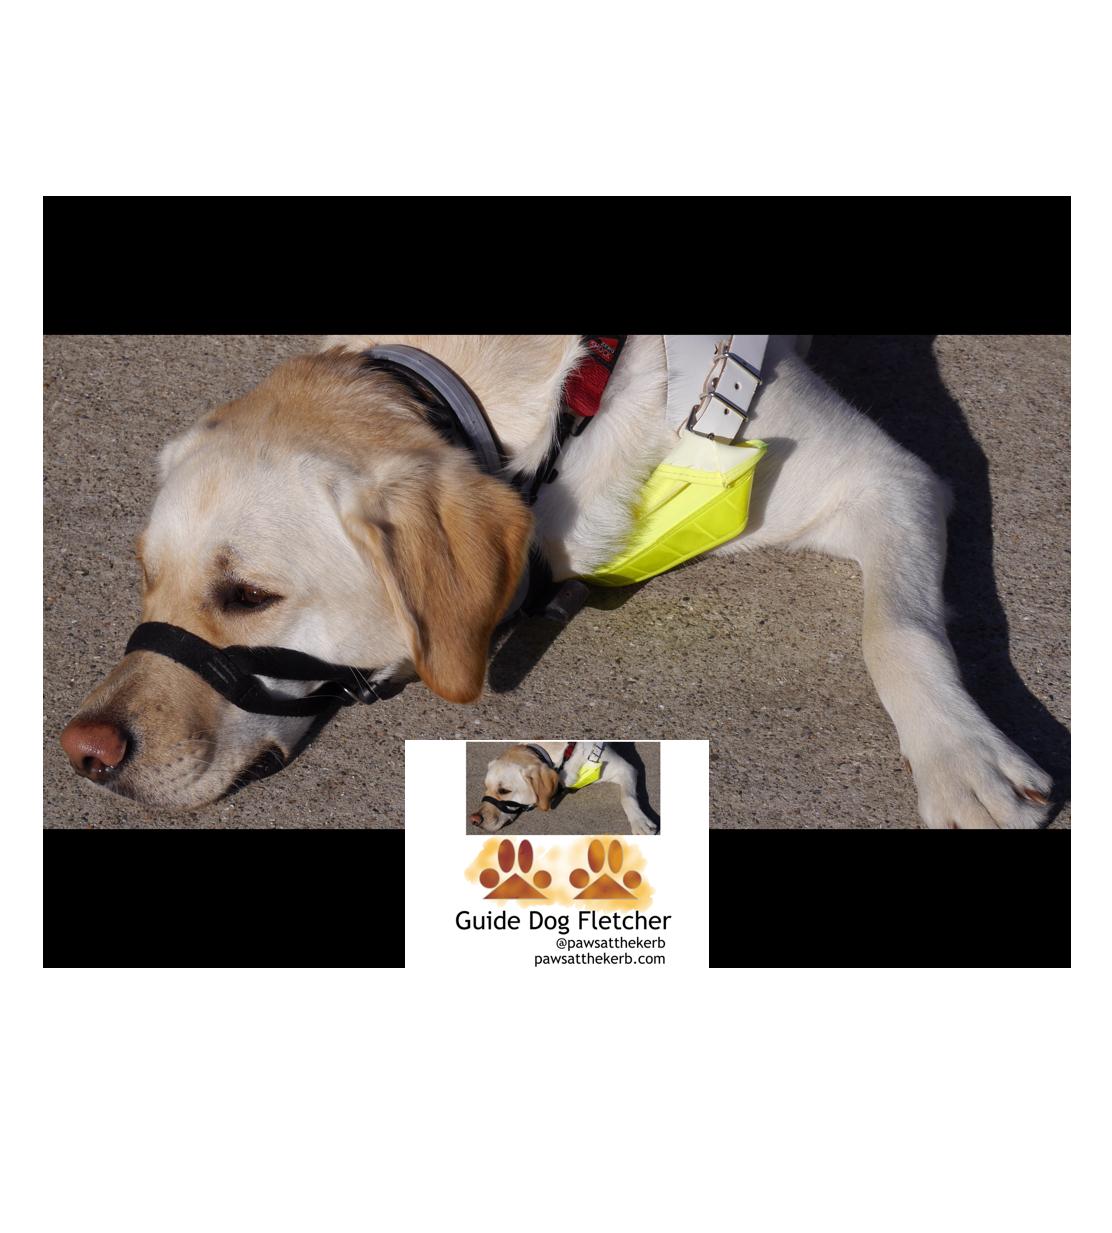 Guide Dog Fletcher a labrador / golden retriever cross